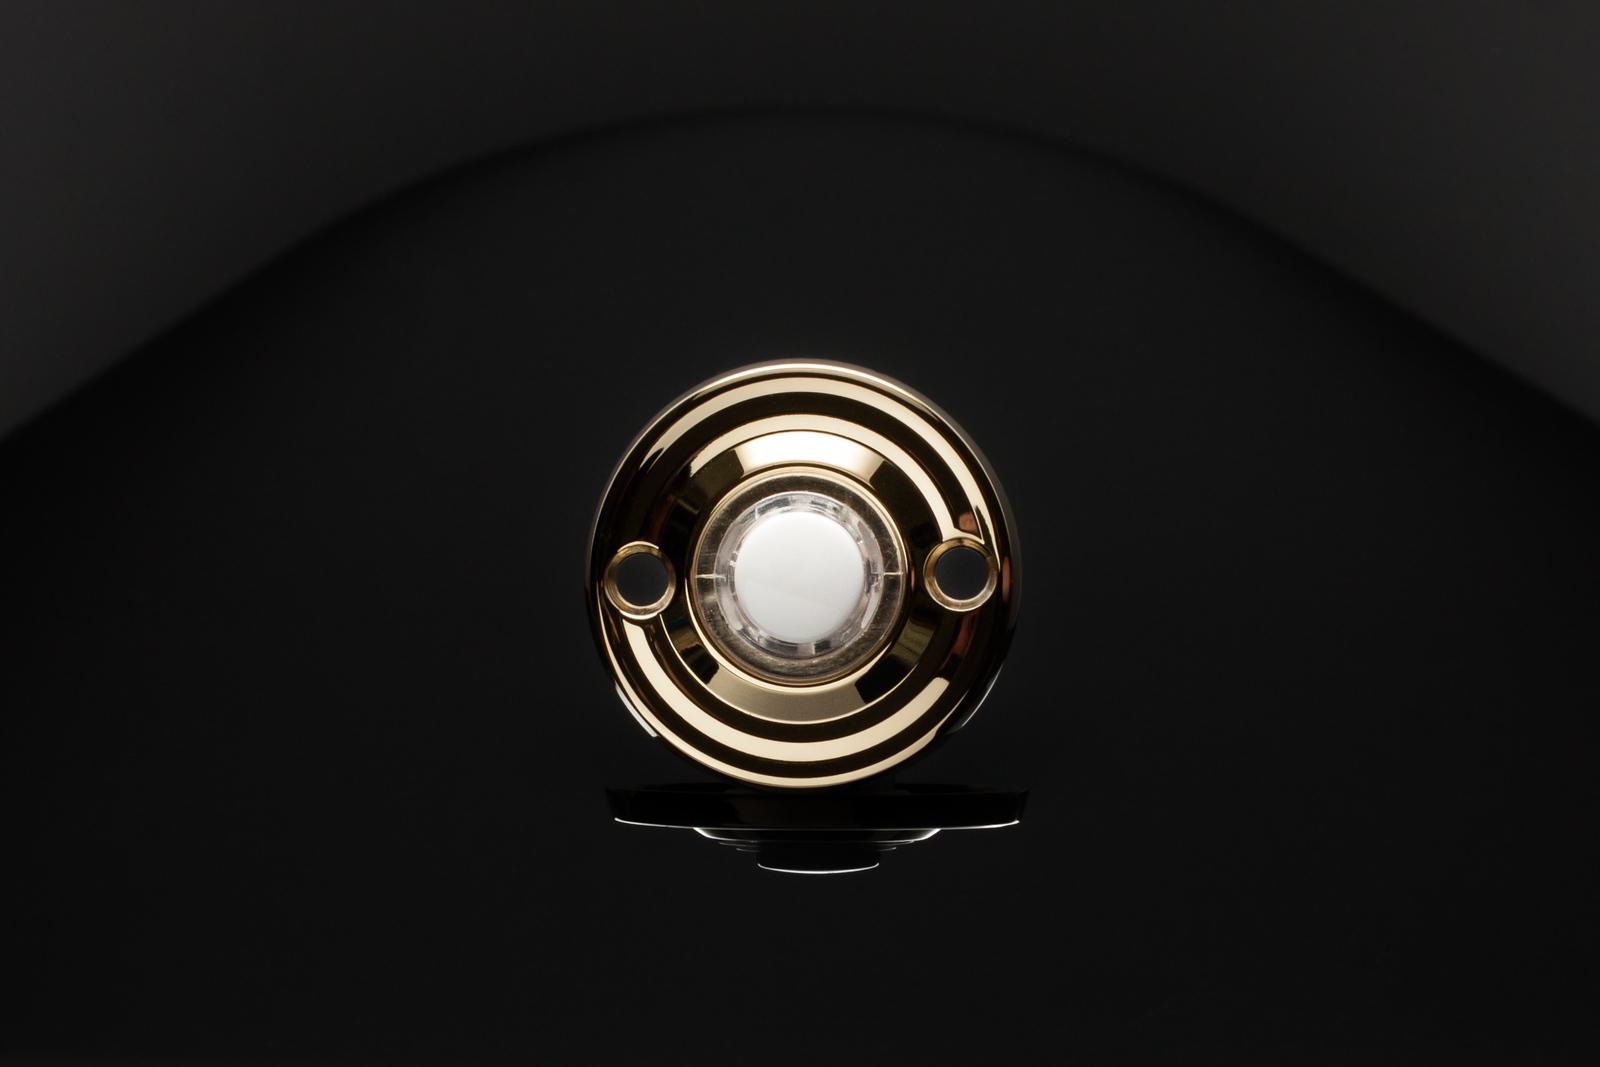 Brass Door Bell on Black